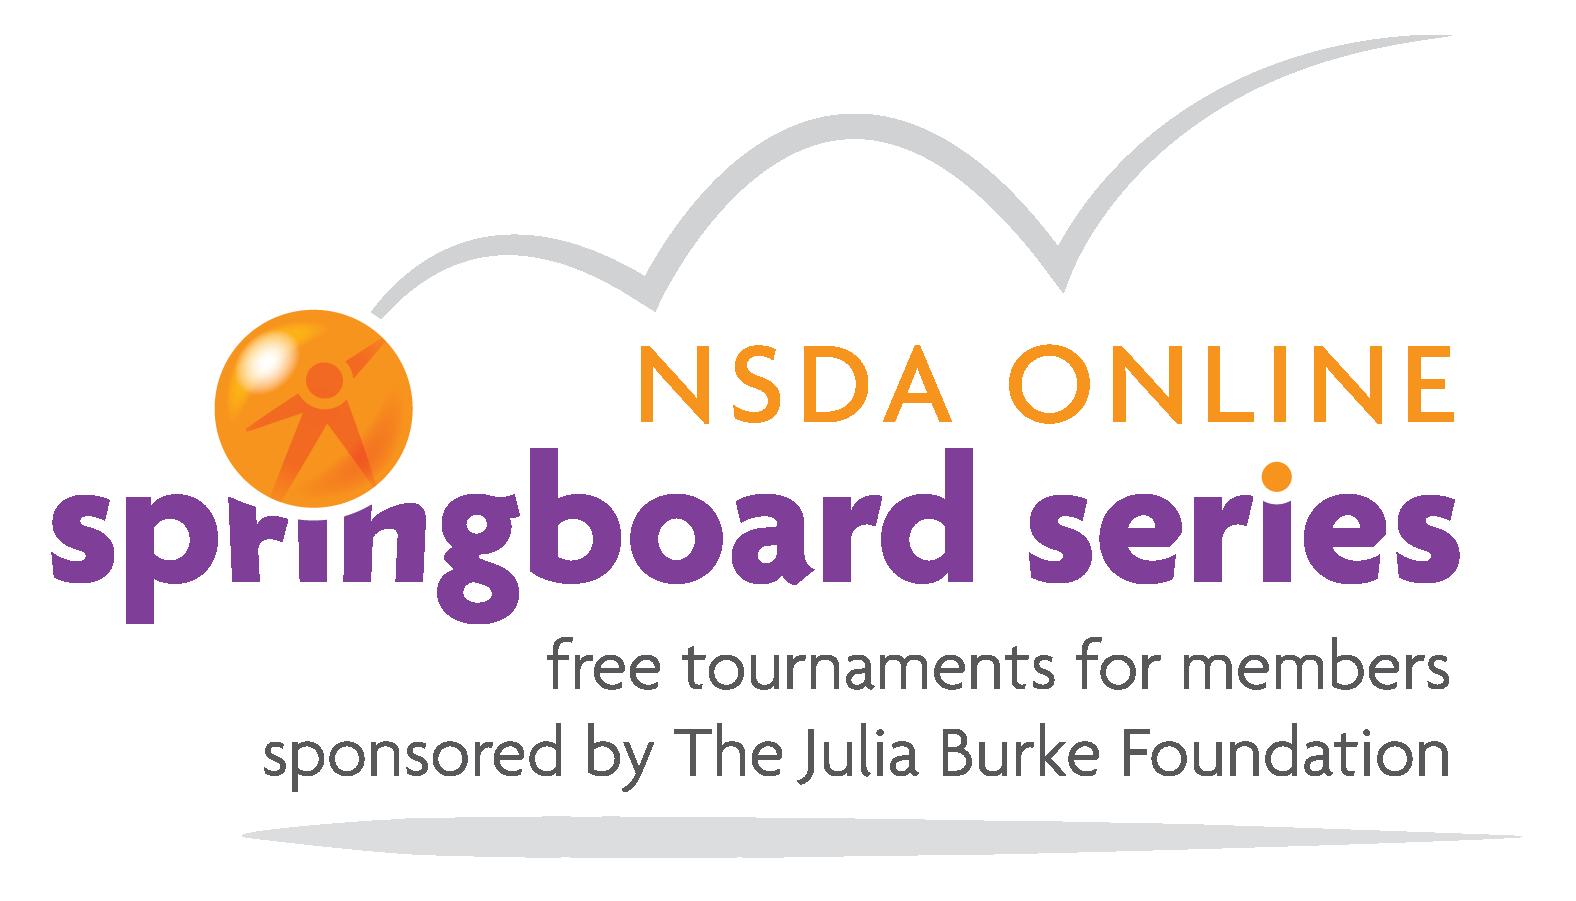 NSDA Online Springboard Series